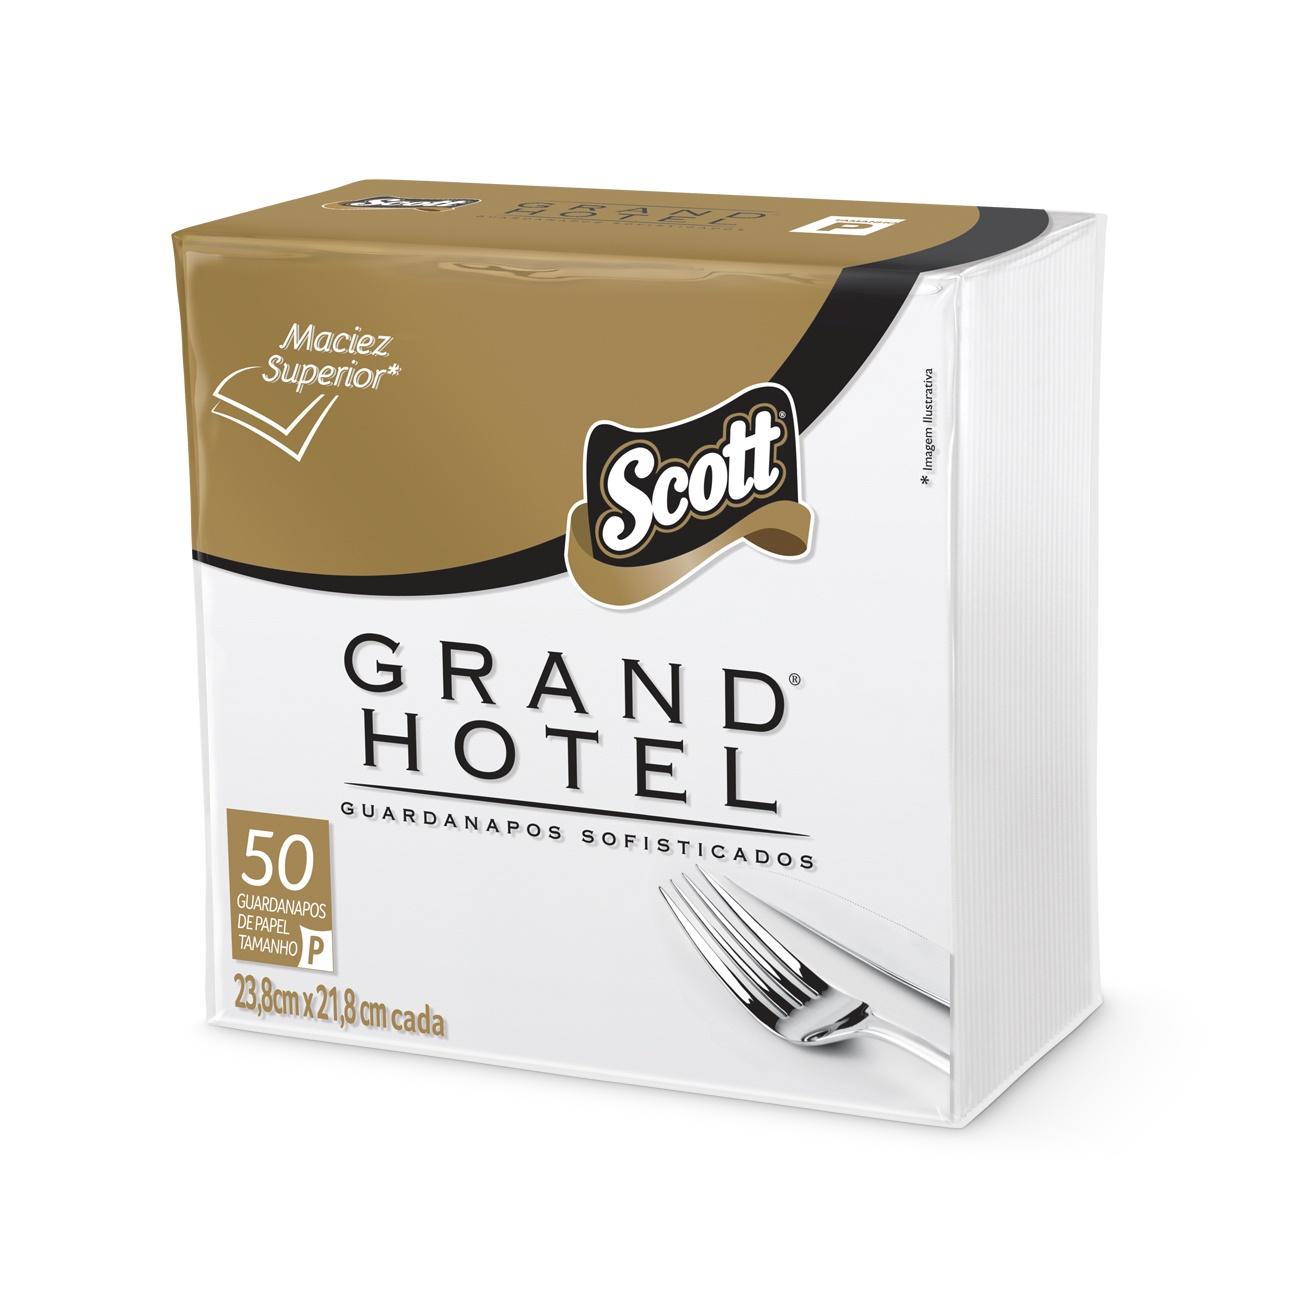 Guardanapo Grand Hotel Grand Hotel Familia 50un - Regular